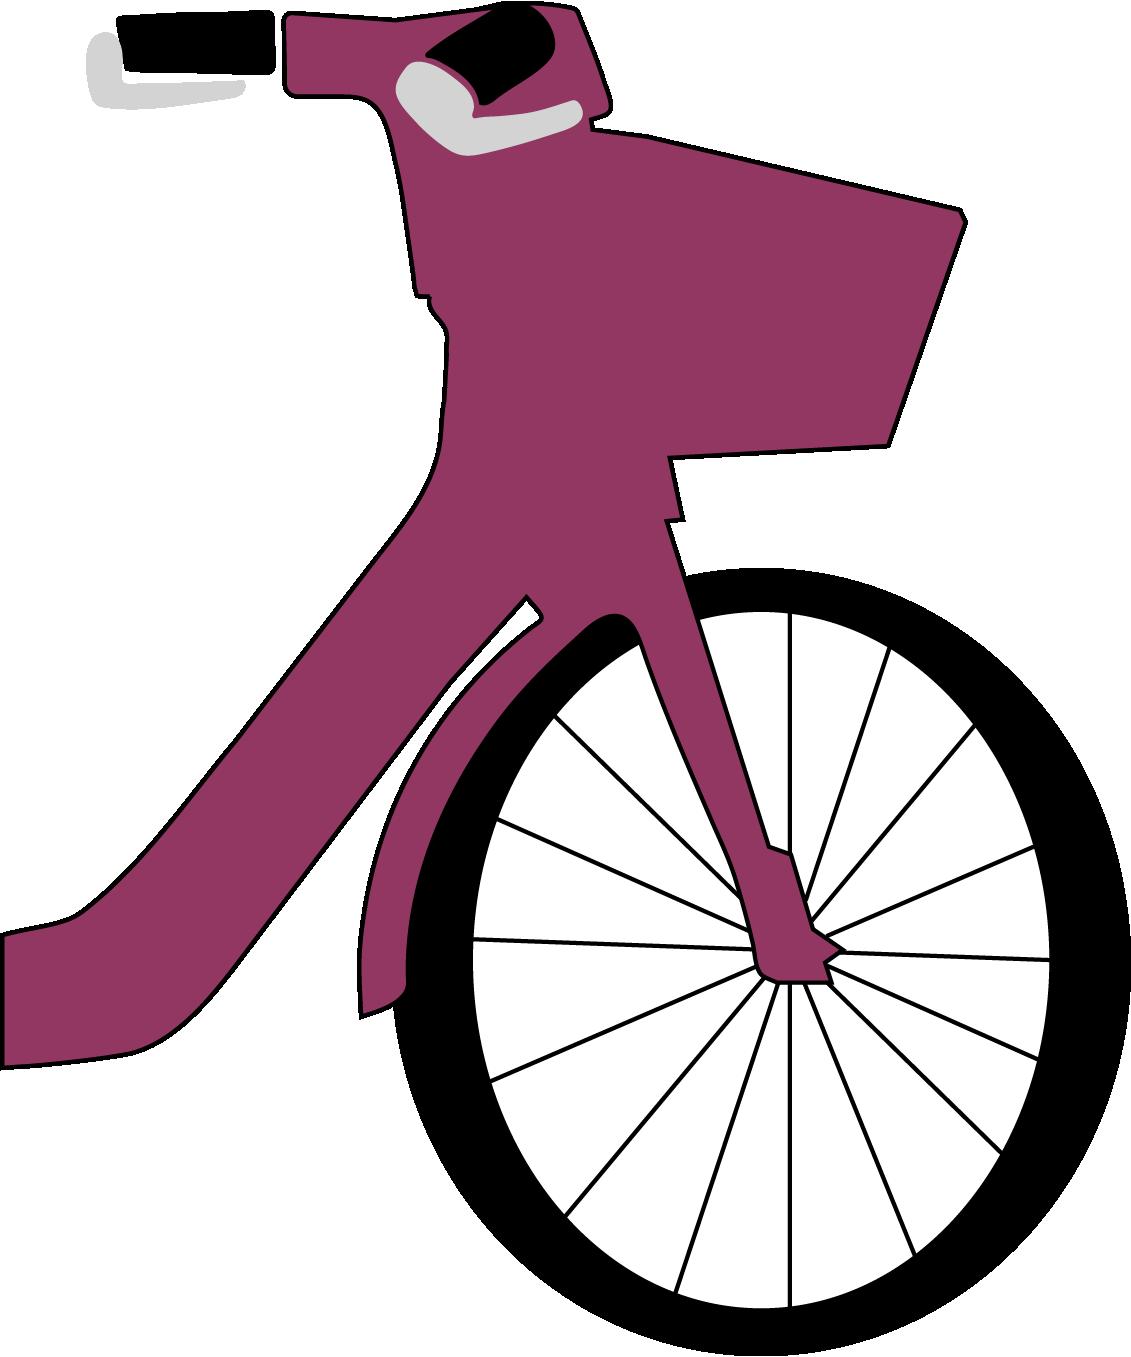 a bikeshare bike representing a bike-to-work event